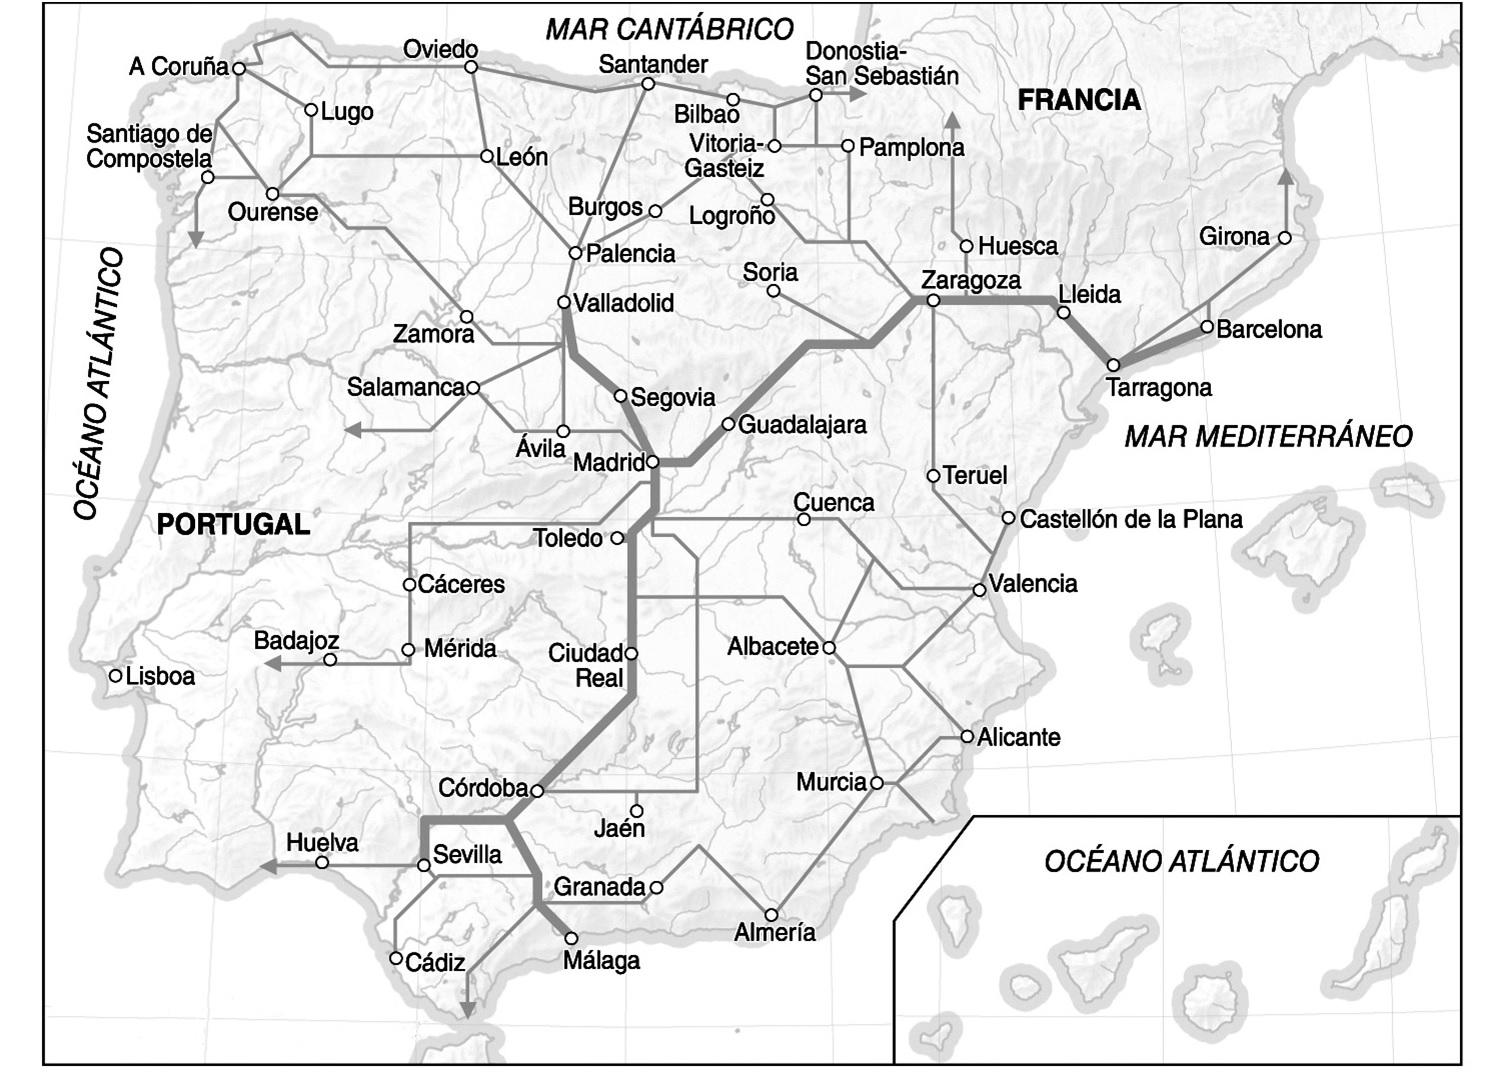 Figura 1: Planificación de la red AVE 2005-2020. Fuente: Ministerio de Fomento.